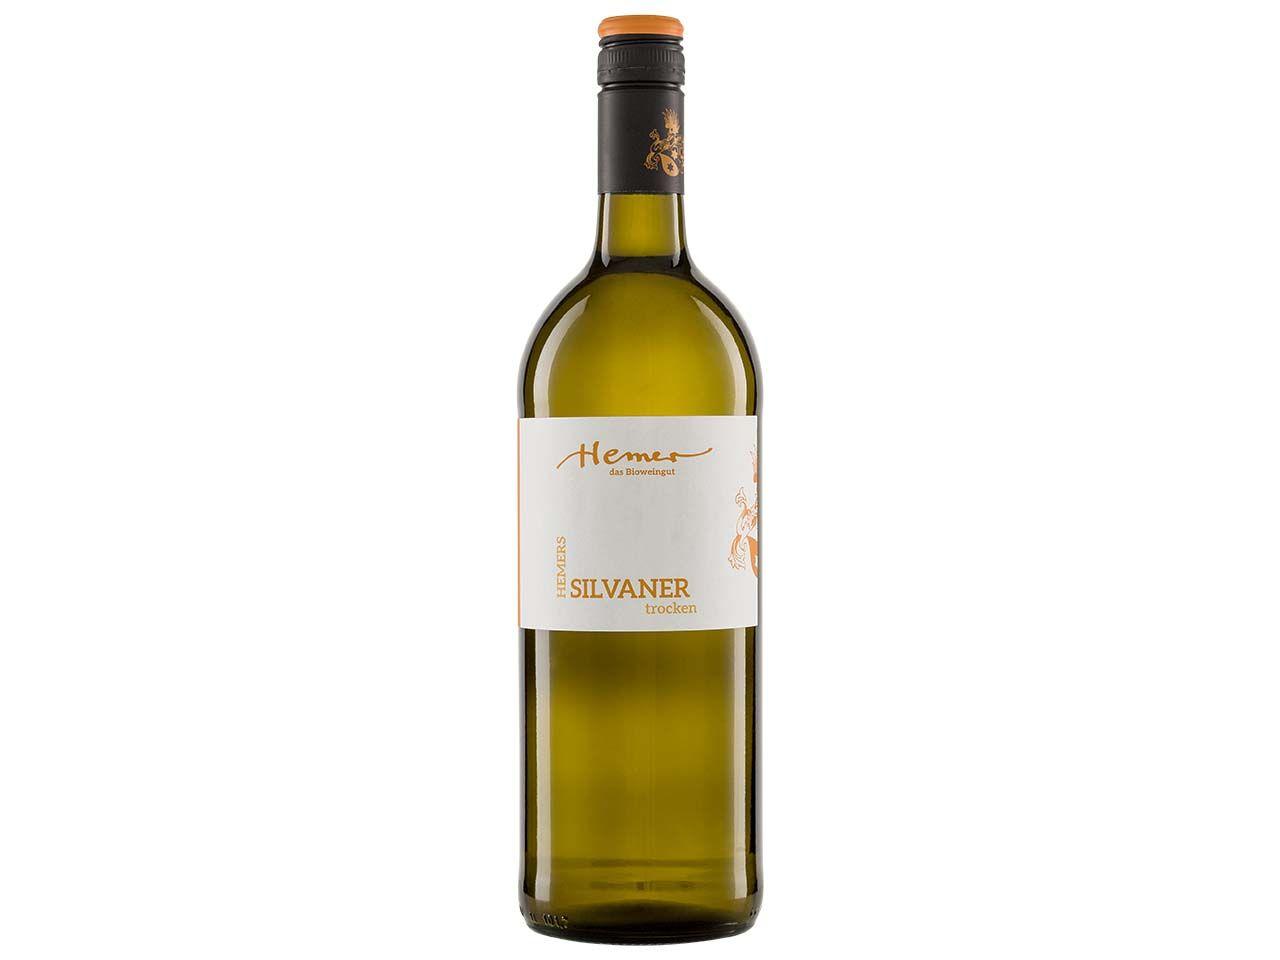 Bio-Weißwein Silvaner, Hemer, 1 l 57055